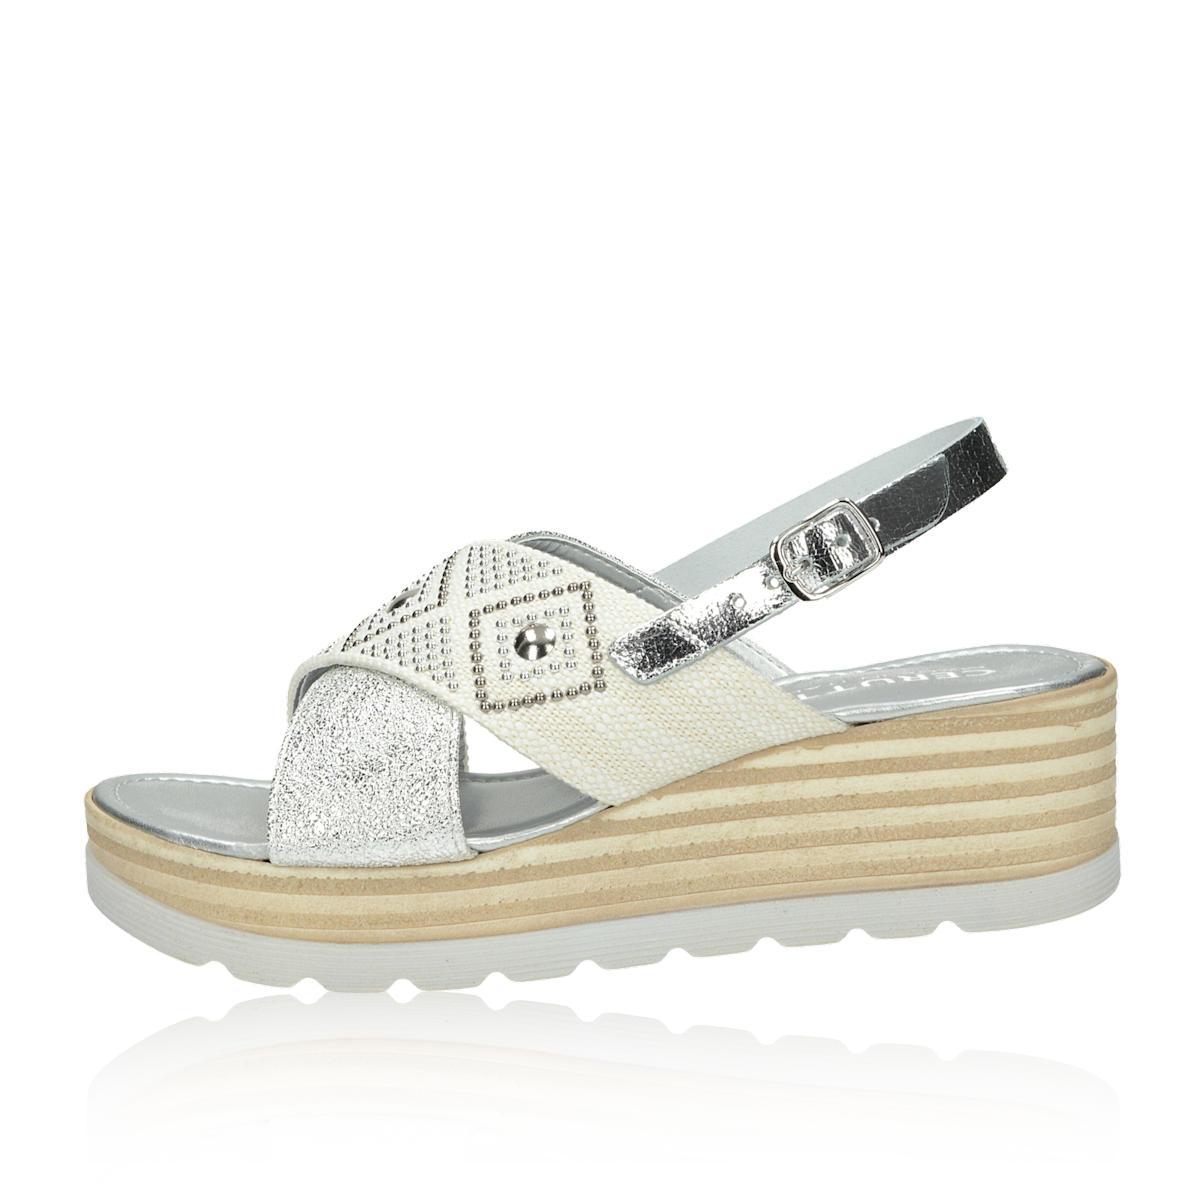 c2d134fca391 ... Cerutti dámske elegantné sandále s ozdobnými kamienkami - strieborné ...